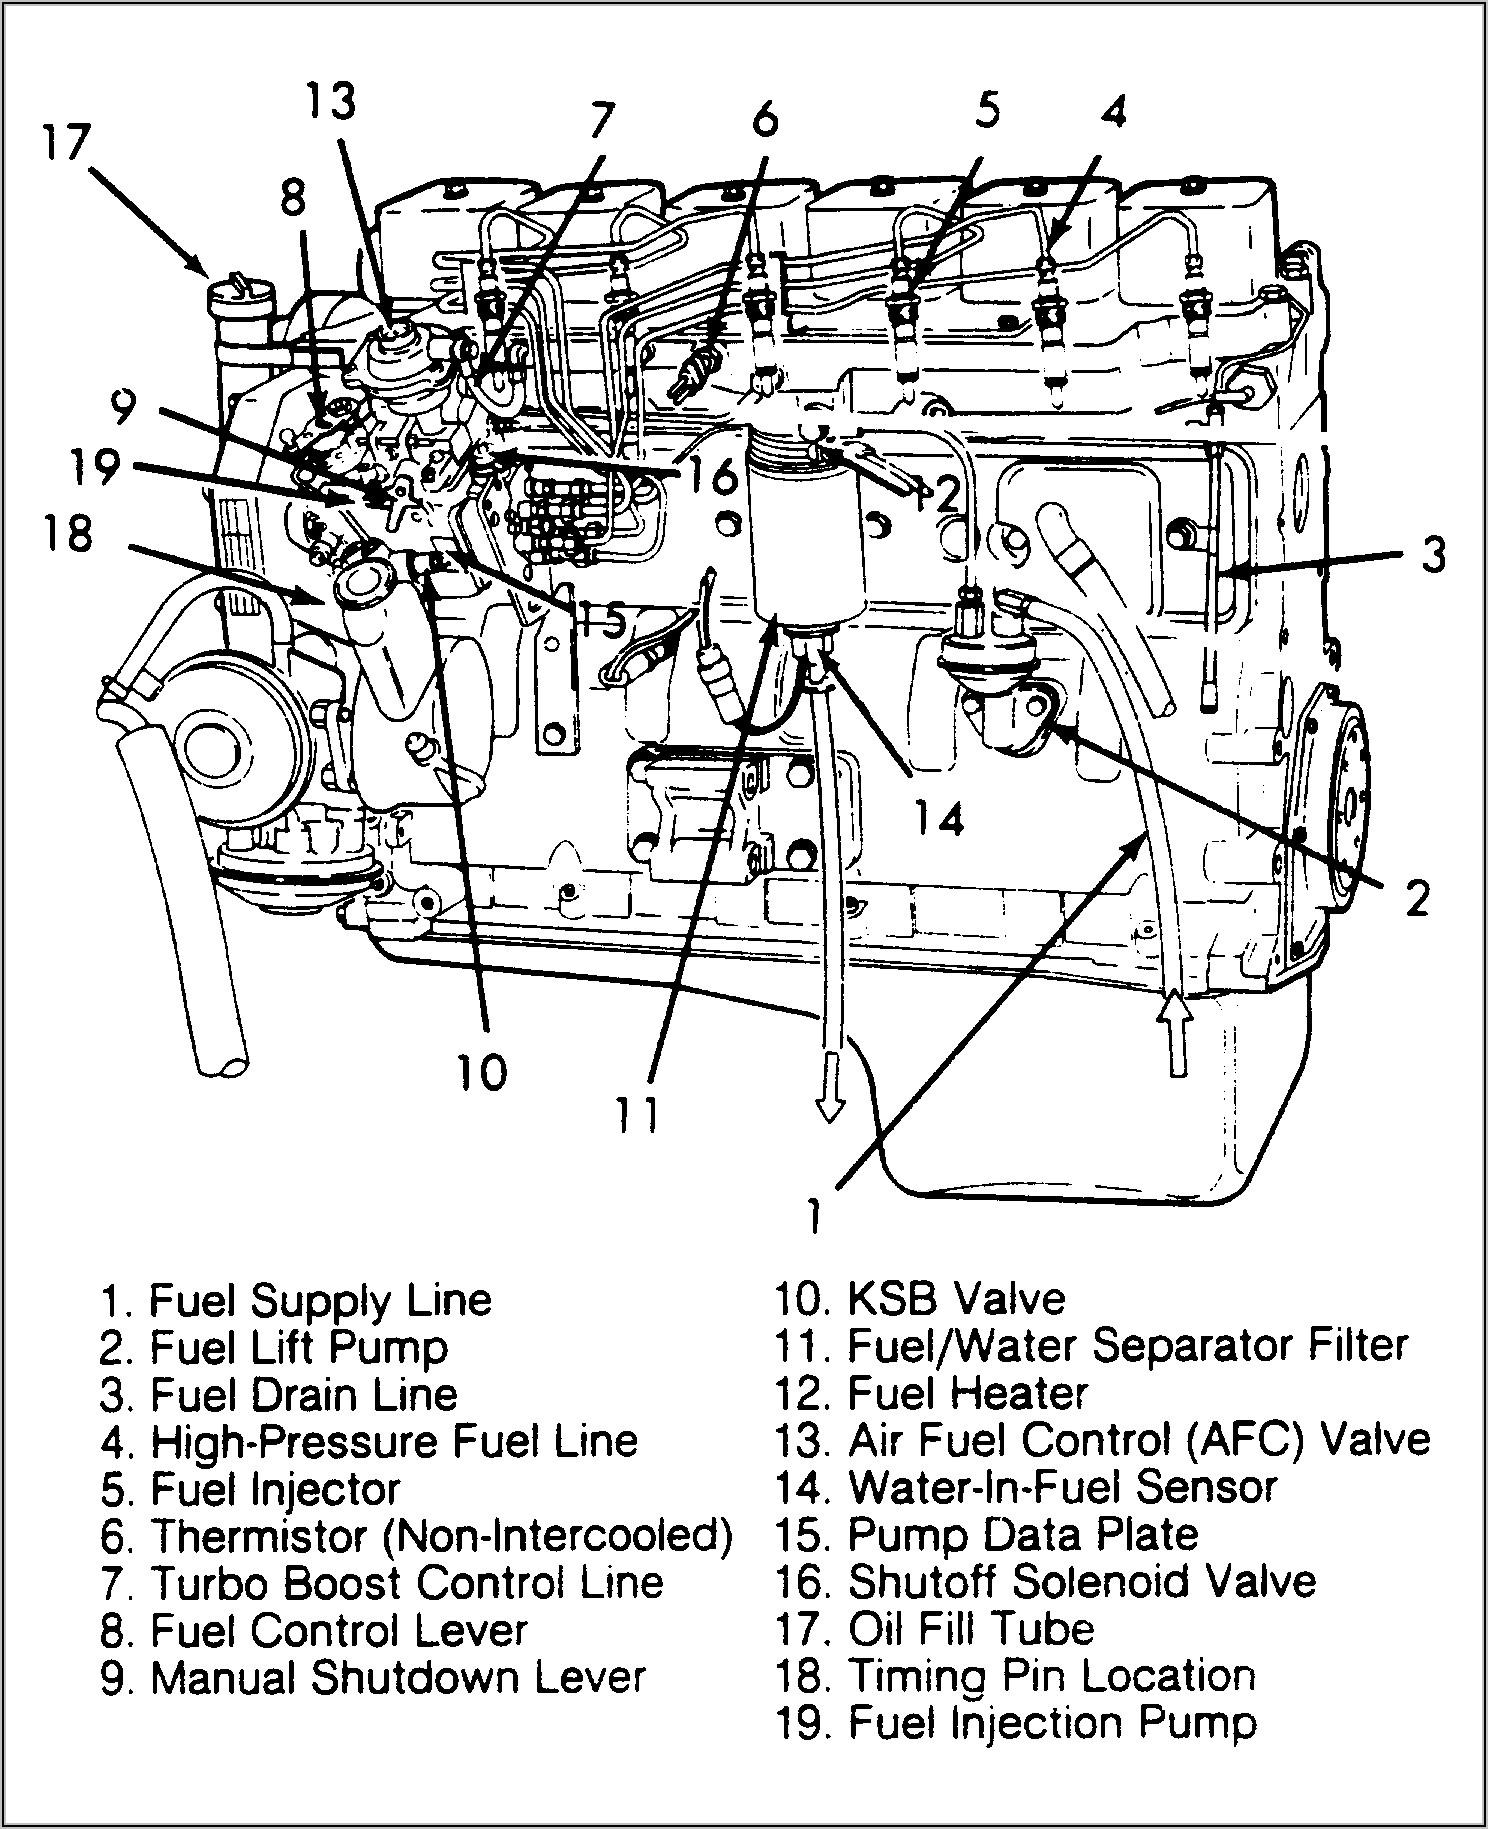 2006 5.9 Cummins Fuel Line Diagram